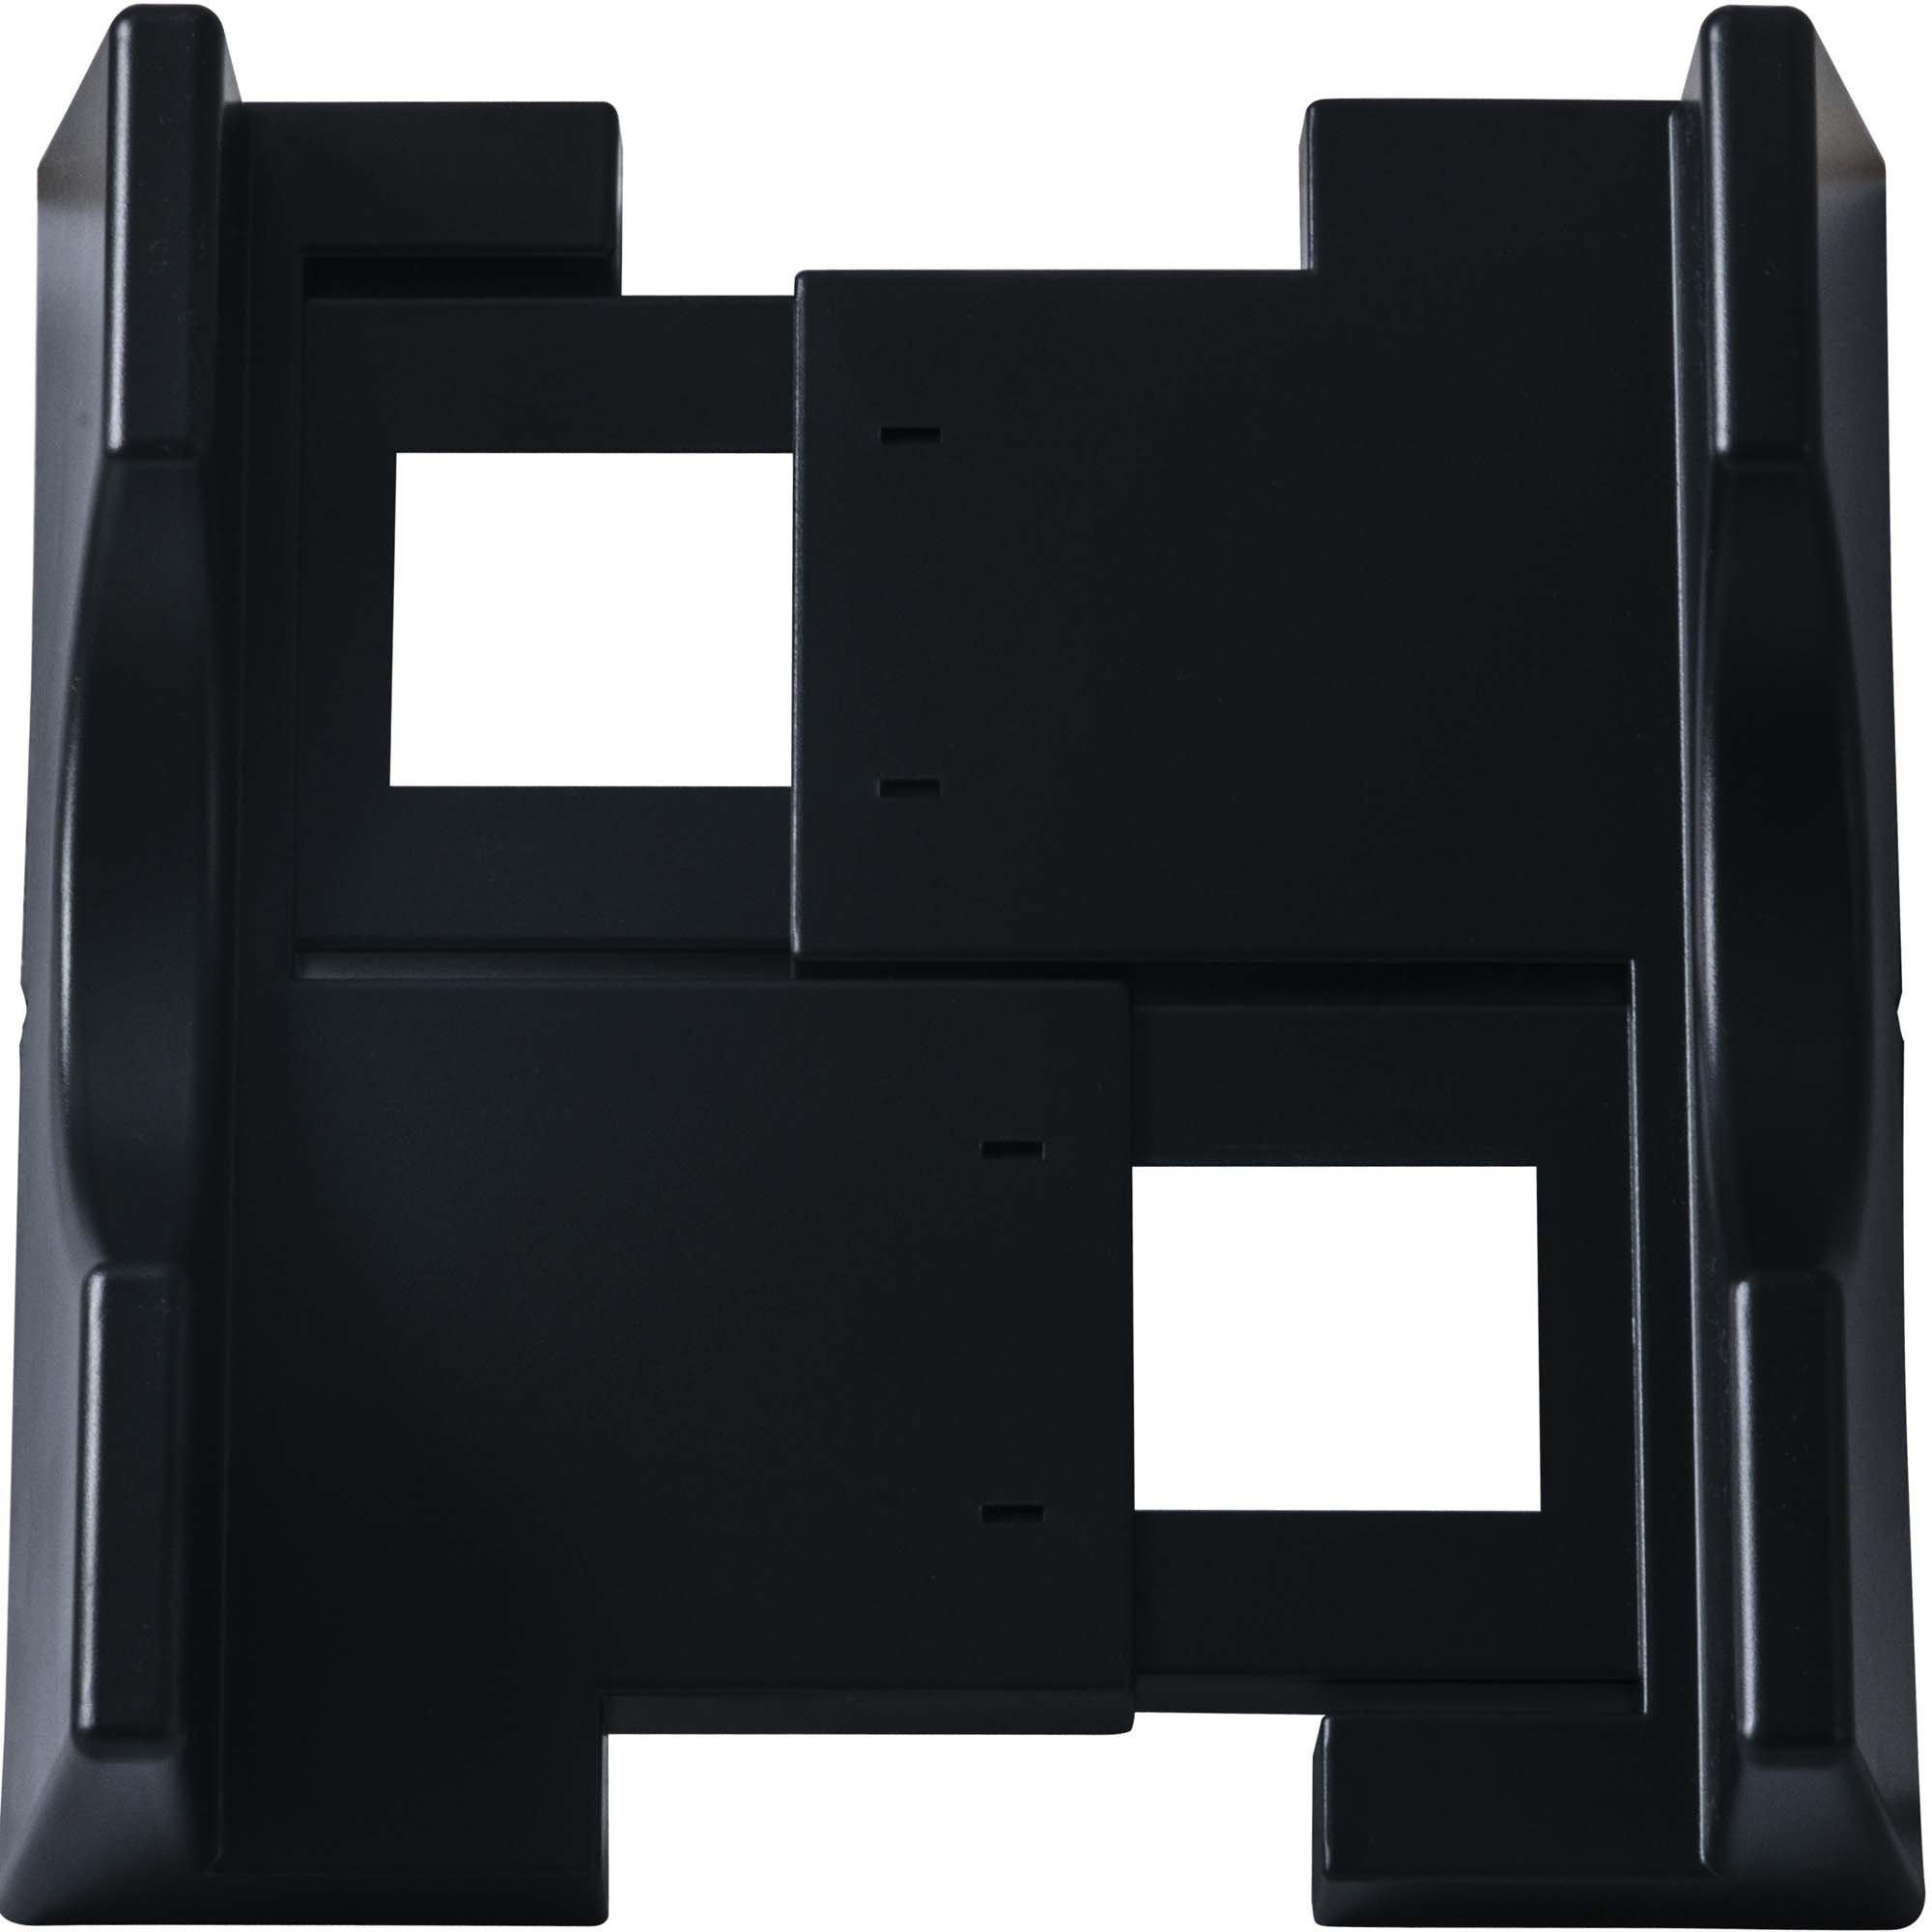 suporte para incrivel preto masticmol cpu com rodinhas 26447 2000 191042 1